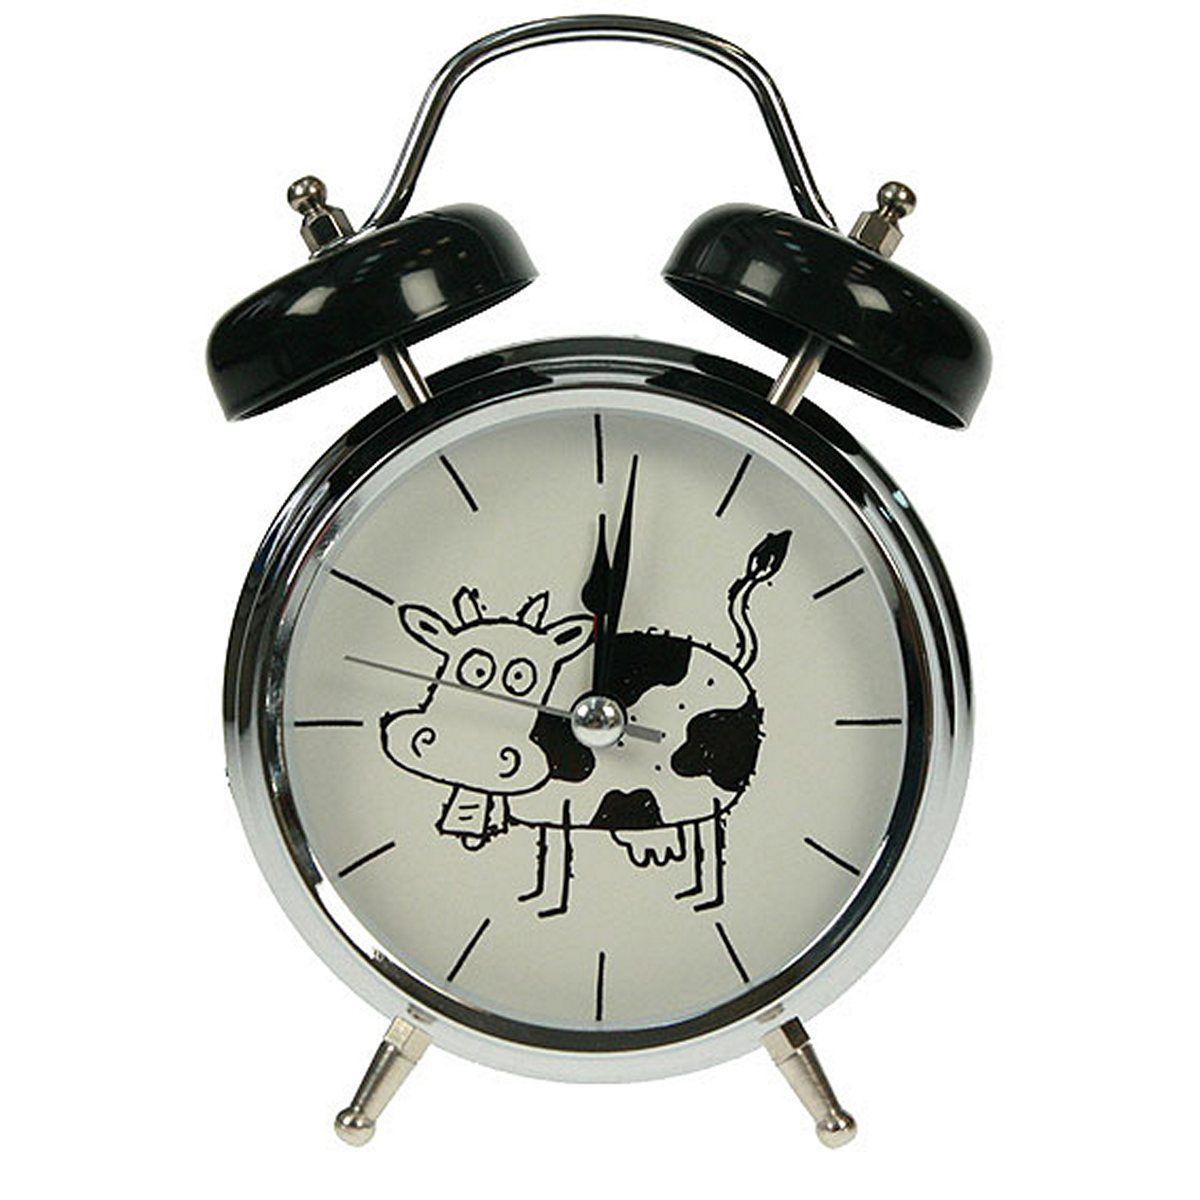 Часы настольные Русские Подарки Корова, с функцией будильника, 12 х 6 х 17 см. 232416SC - WCD10PНастольные кварцевые часы Русские Подарки Корова изготовлены из металла, циферблат защищен стеклом. Оригинальное оформление в виде смешной коровы поднимет настроение, а благодаря функции будильника вы проснетесь вовремя. Часы имеют три стрелки - часовую, минутную и секундную.Такие часы украсят интерьер дома или рабочий стол в офисе. Также часы могут стать уникальным, полезным подарком для родственников, коллег, знакомых и близких.Часы работают от батареек типа АА (в комплект не входят).